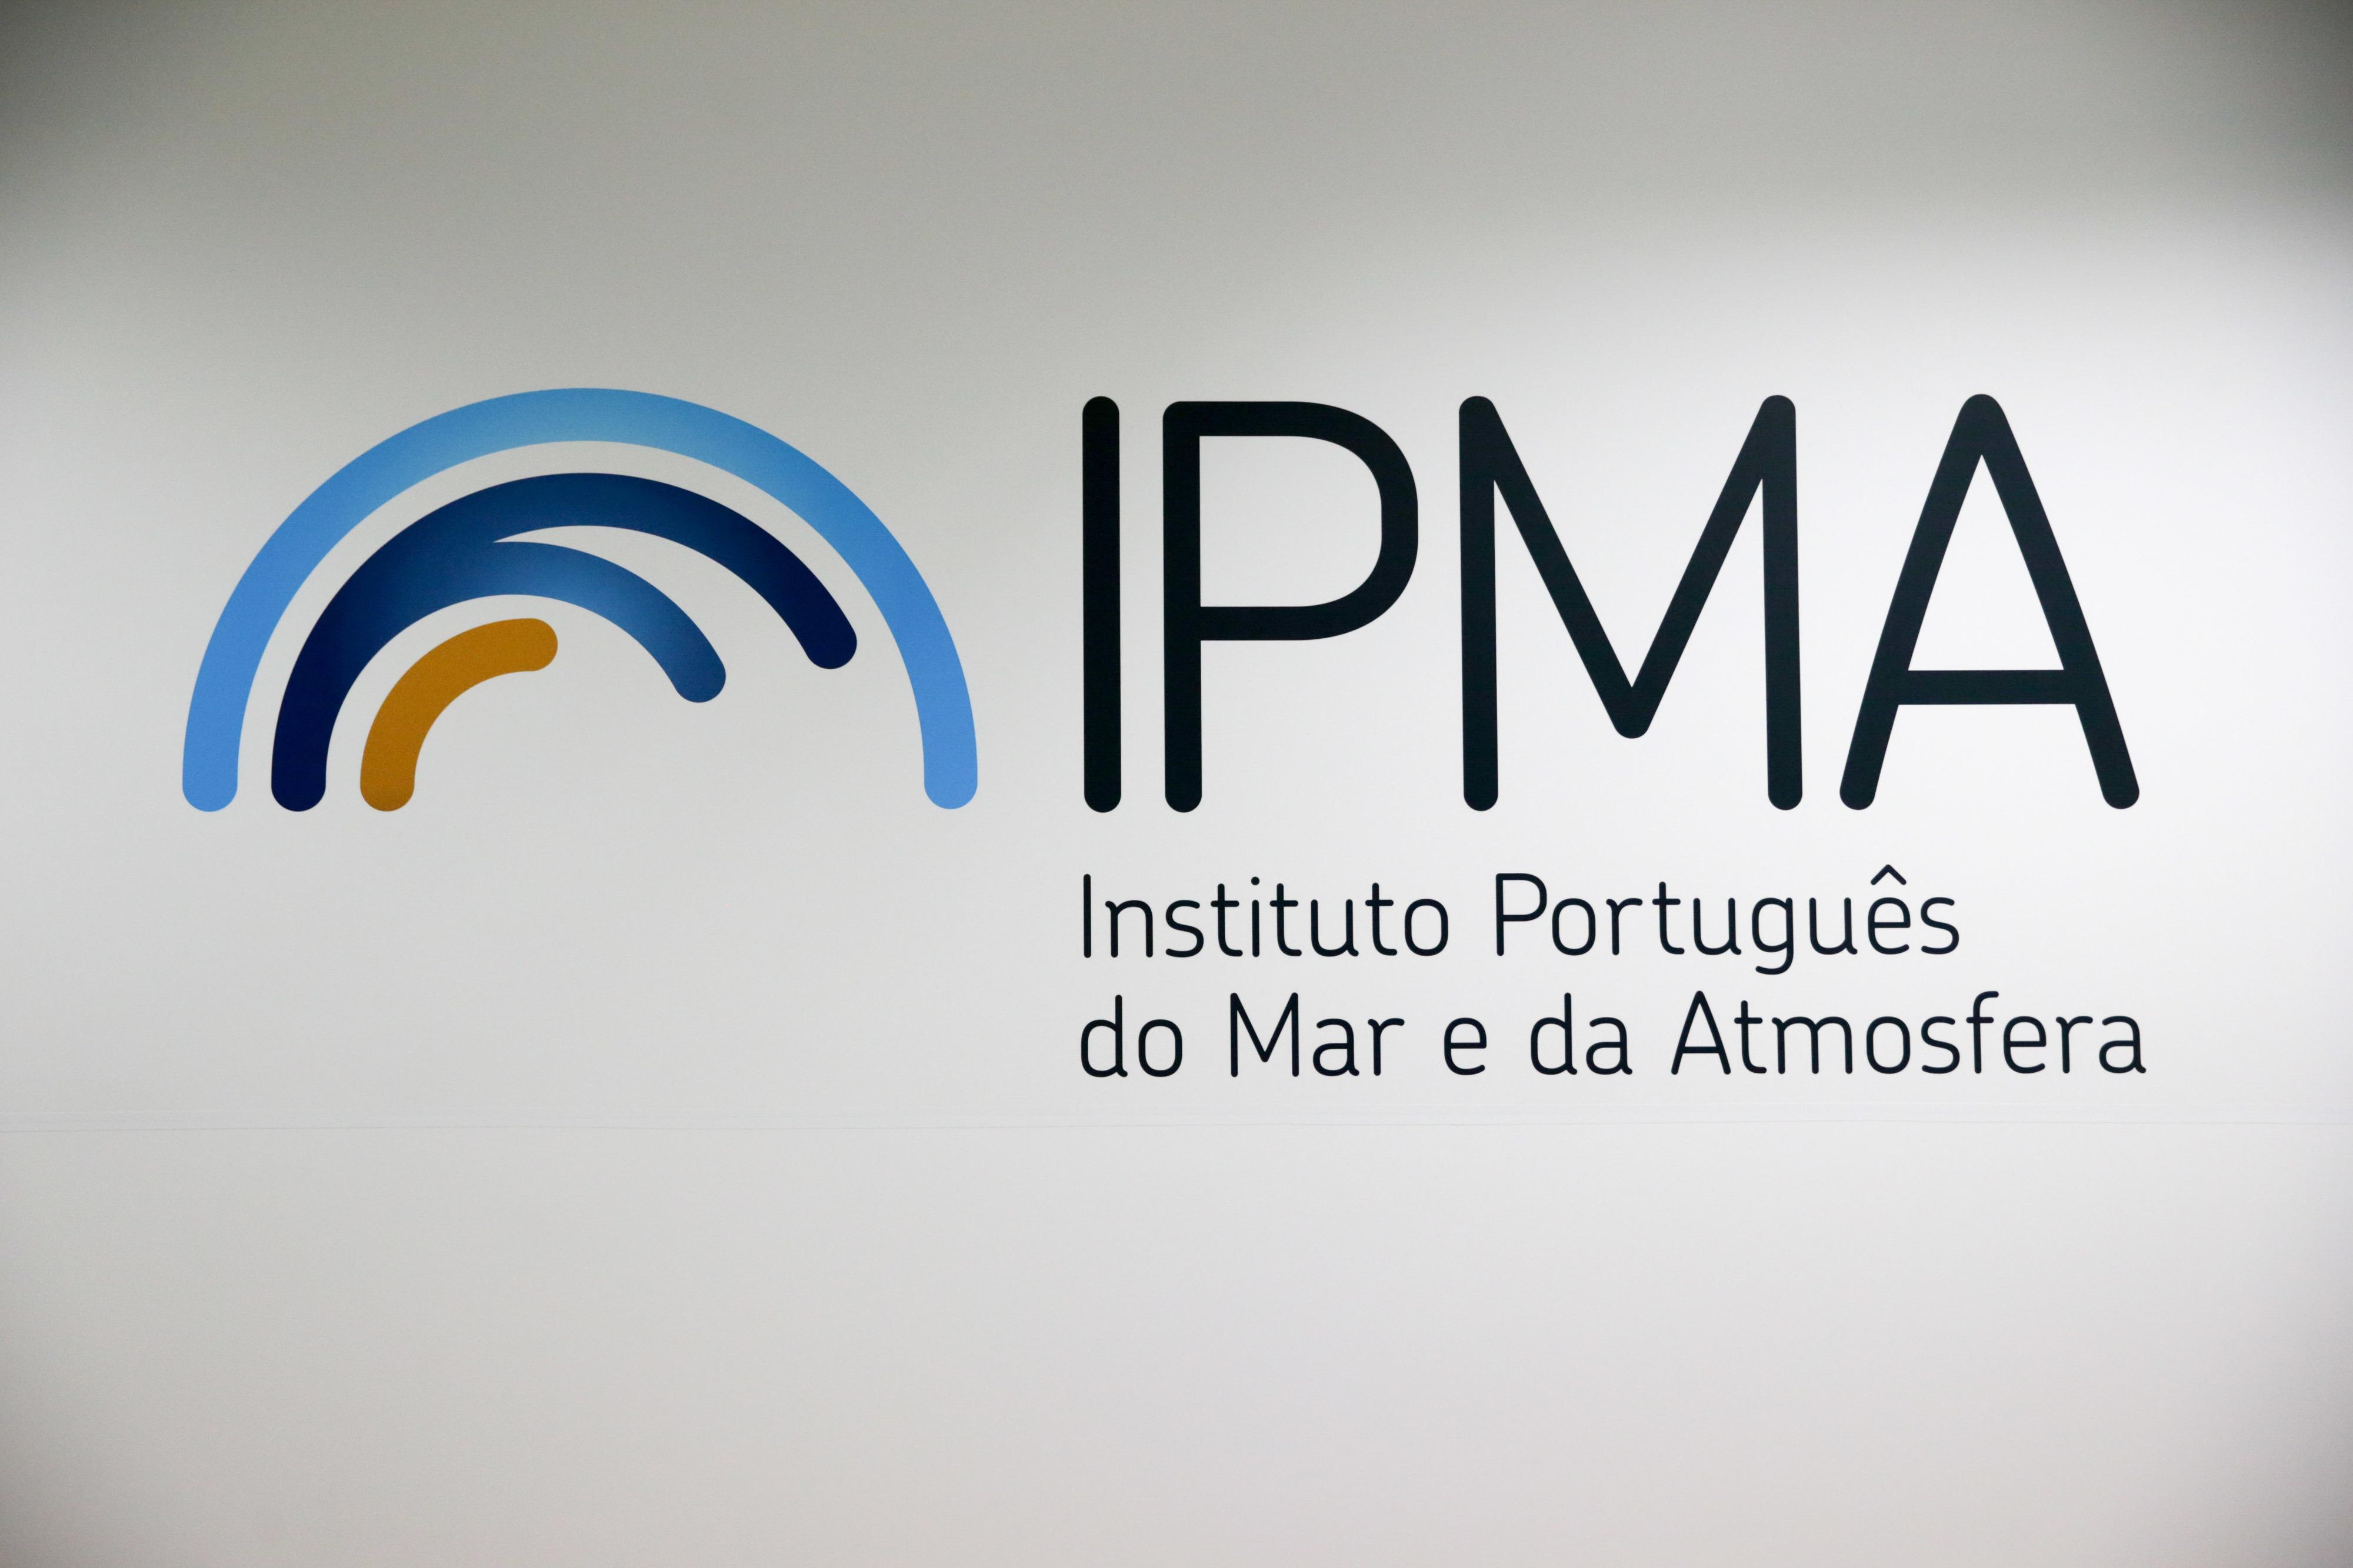 Catorze distritos em Portugal continental estão sob sob aviso amarelo devido ao vento forte